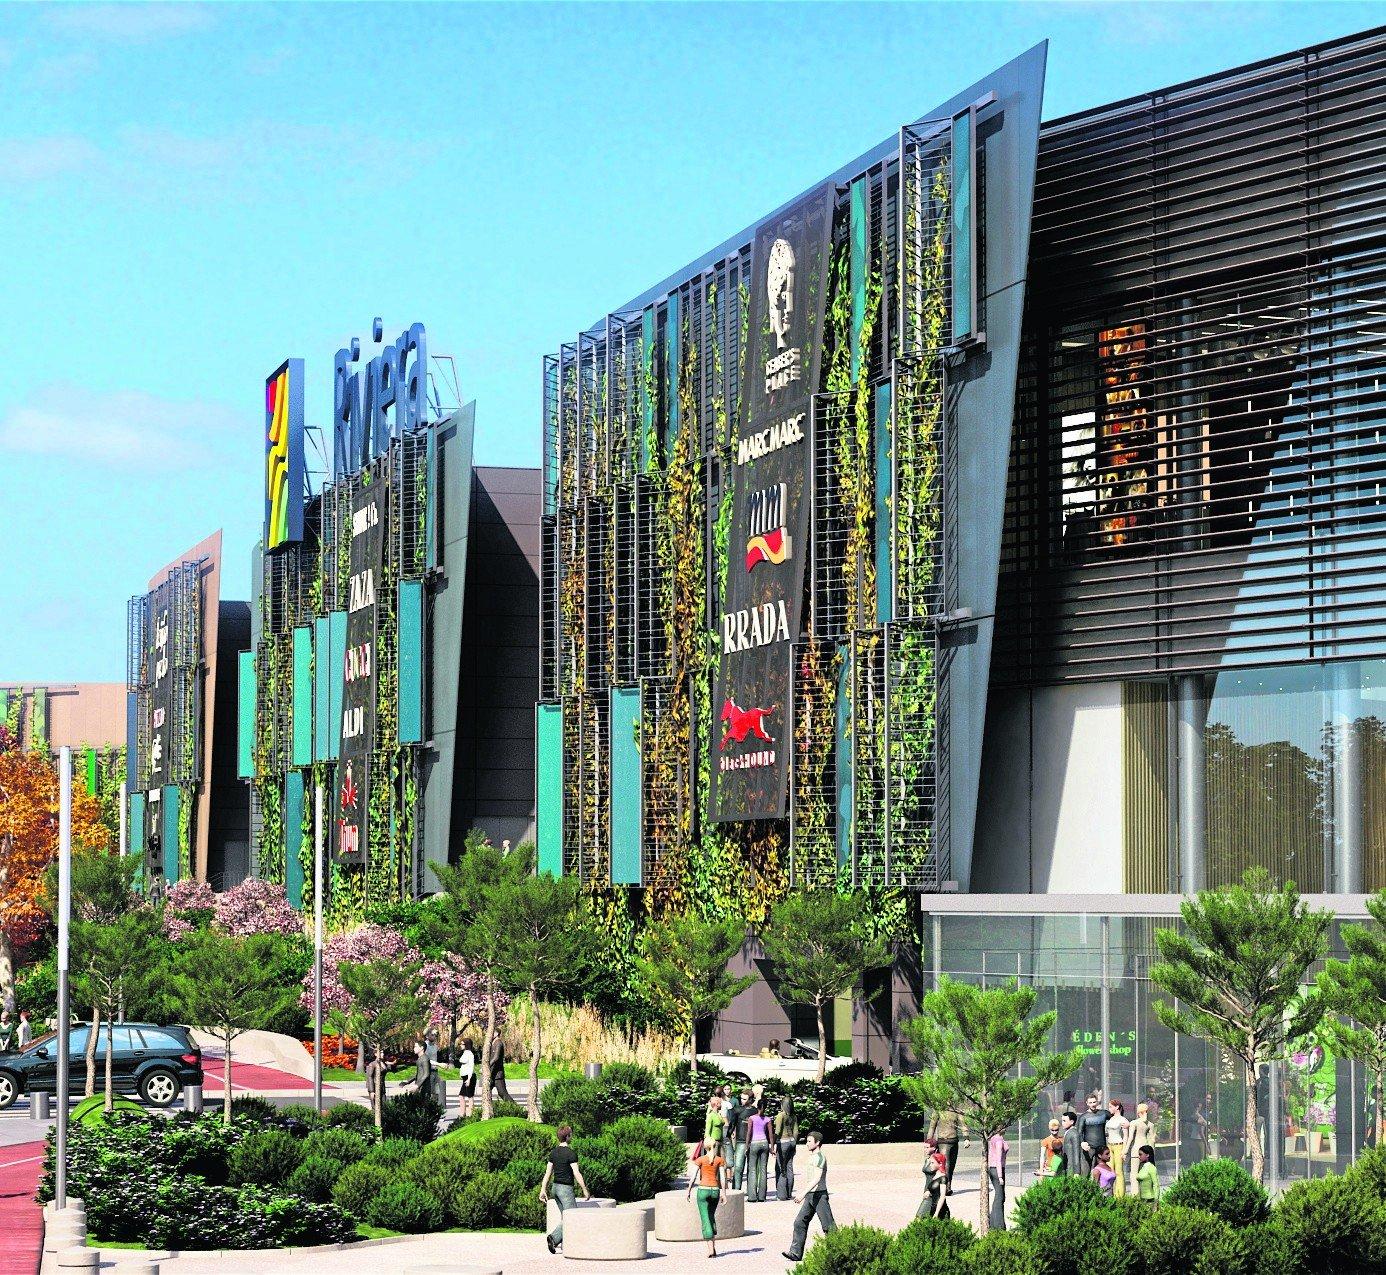 Mapa centrum Centrum Riviera największa galeria handlowa